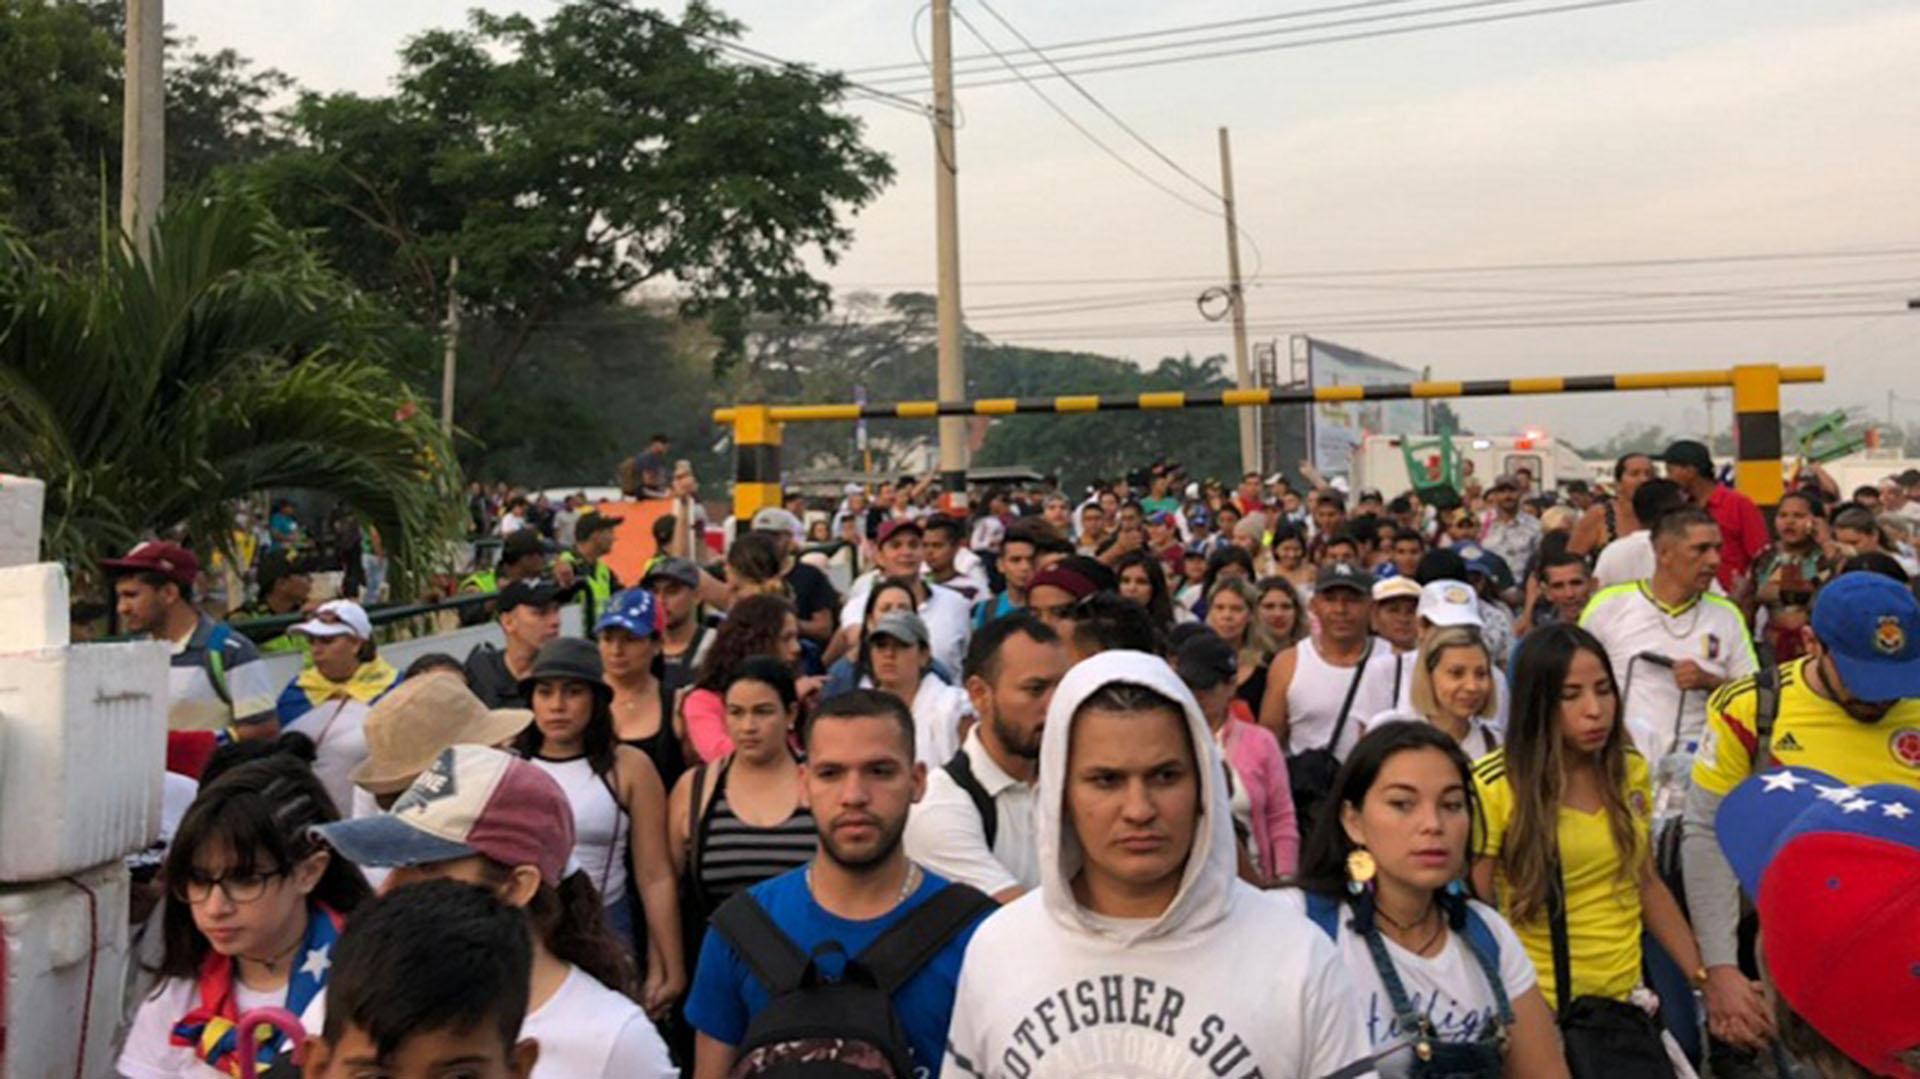 La caravana de personas que se acerca al recital (Twitter: @NoticiasRCN)